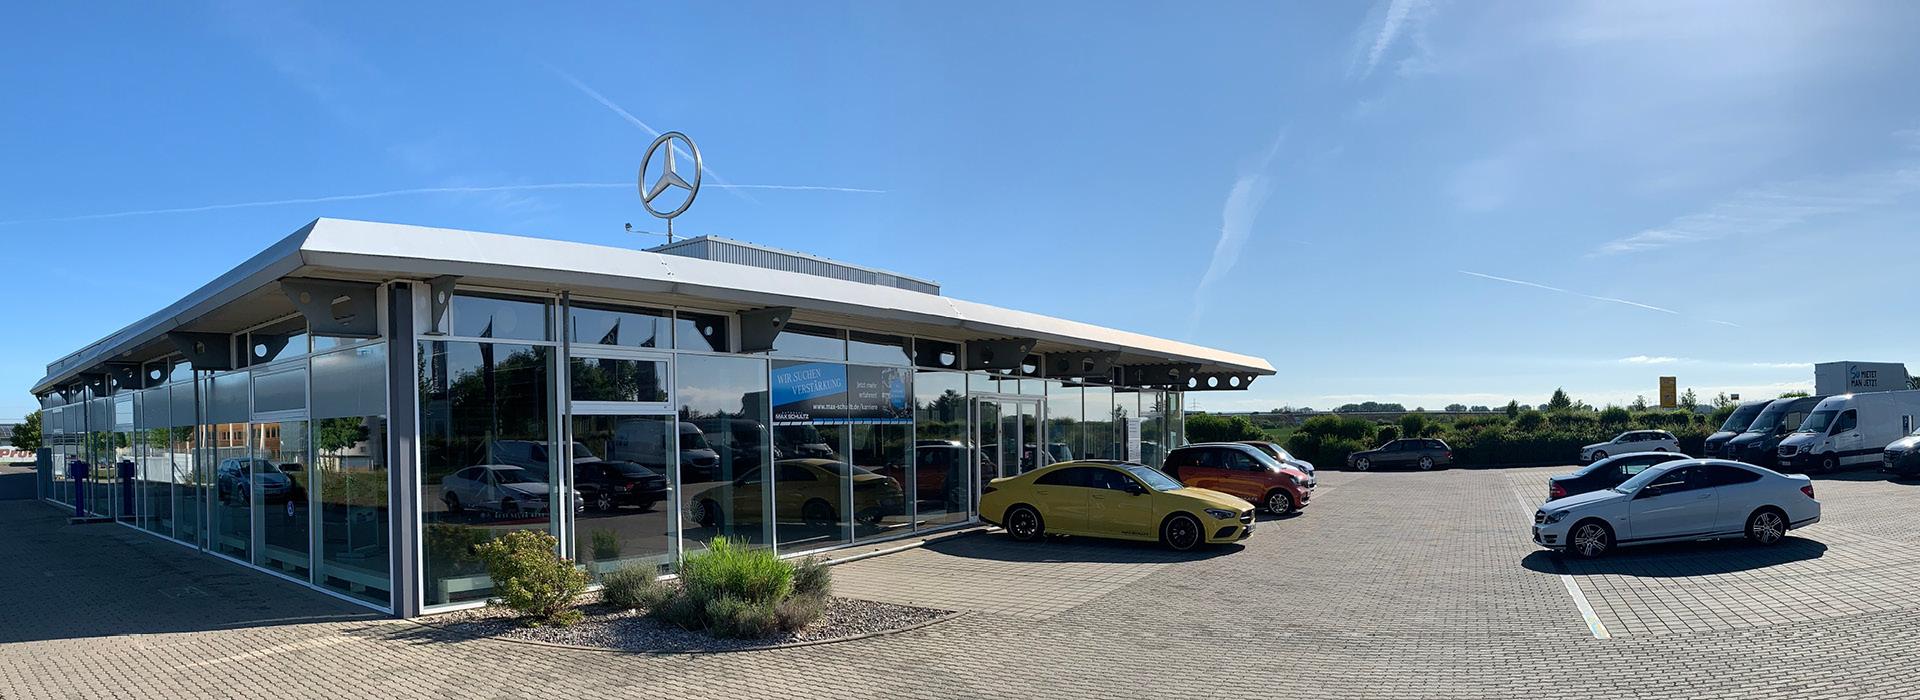 Autohaus_Max-Schultz-Standort-soemmerda